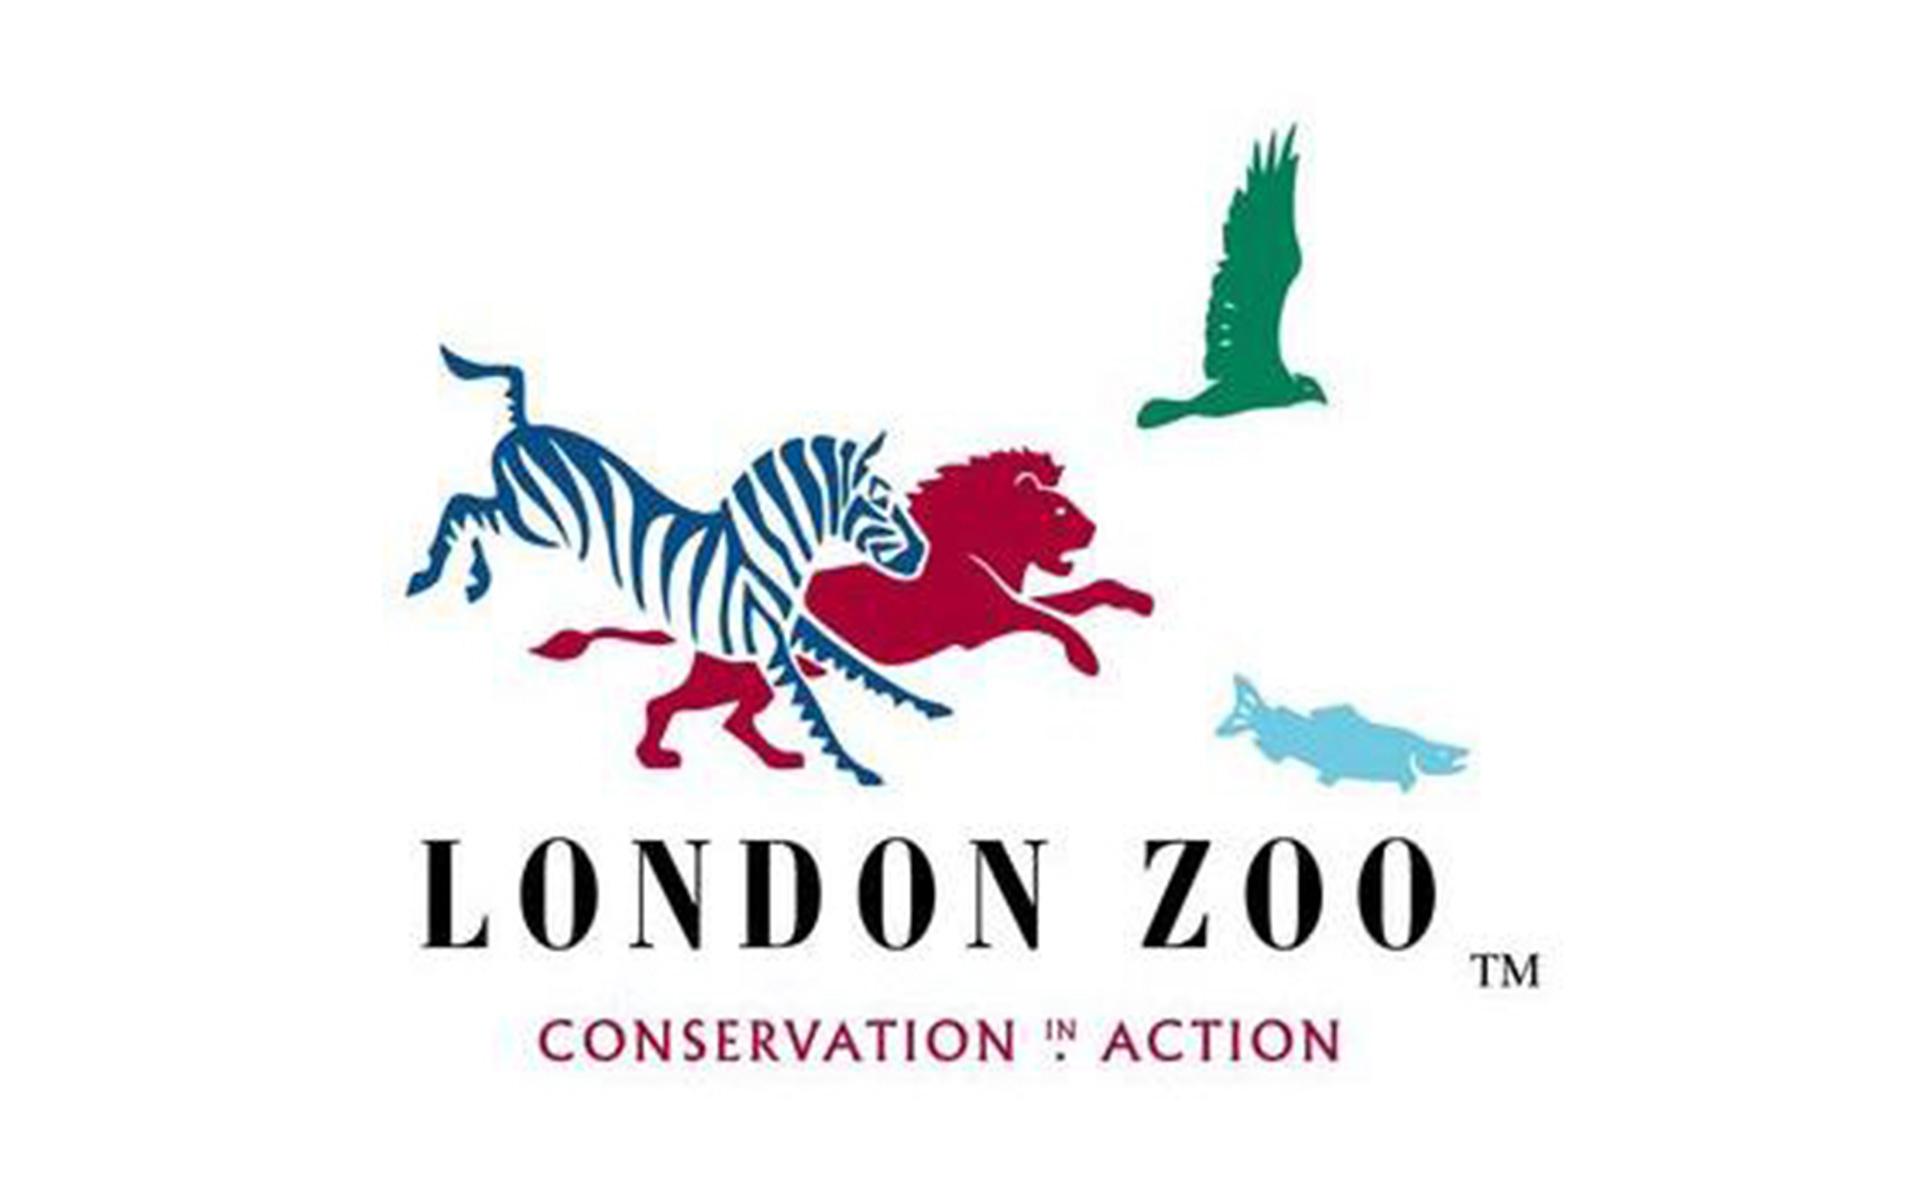 ZSL London Zoo previous logo